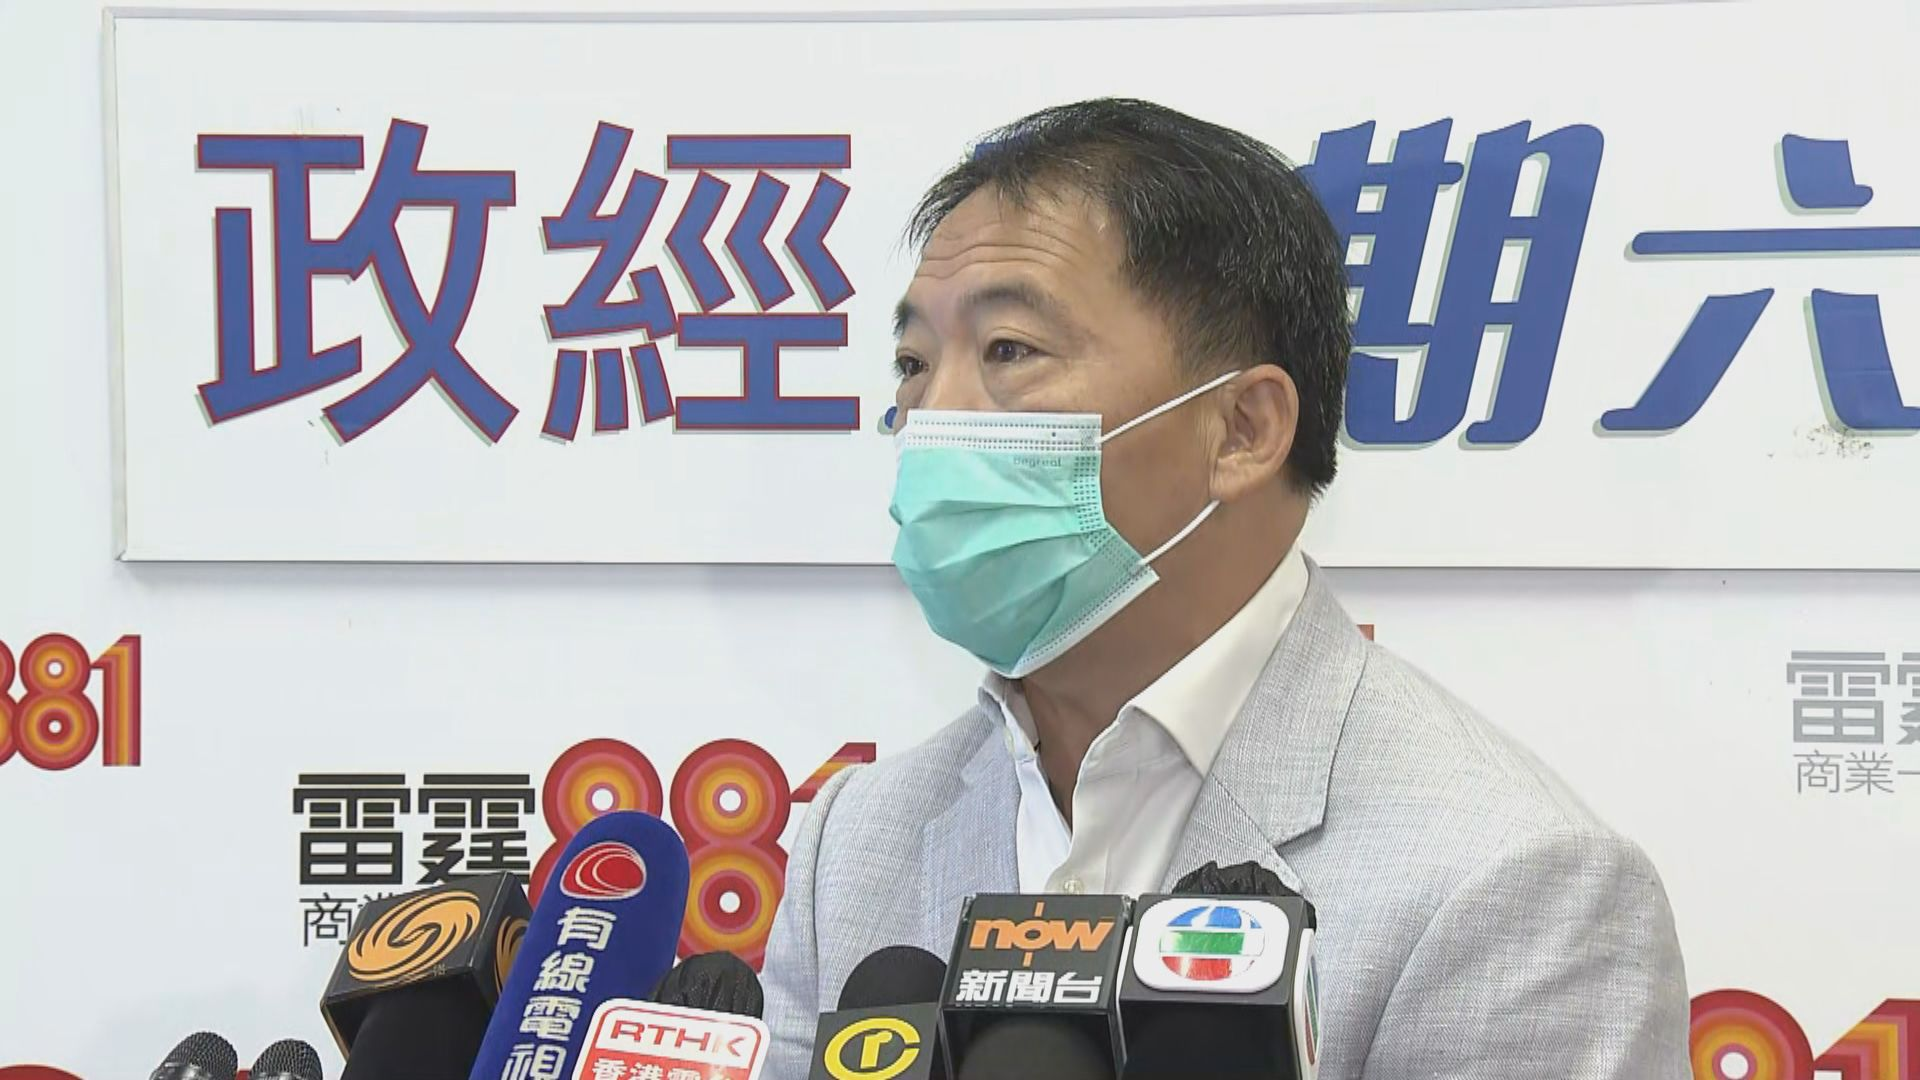 胡志偉:中央低估國際對港區國安法反響